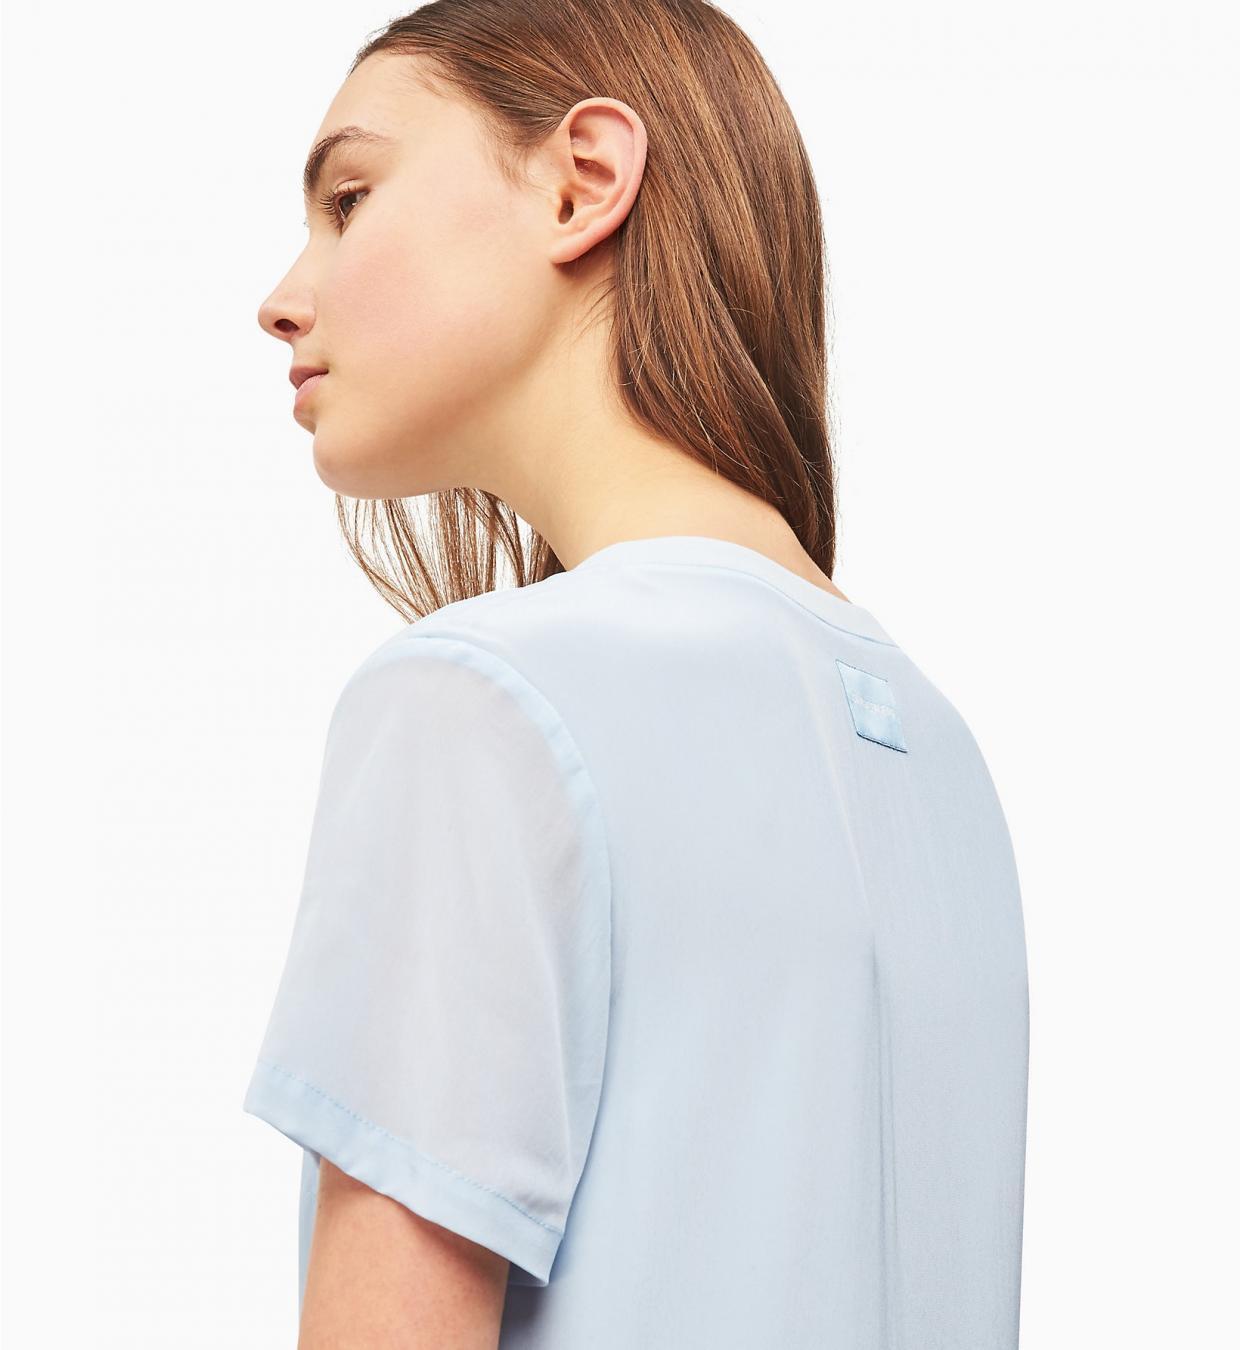 Krepptshirtkleid Blue  Calvin Klein Damen Kleider